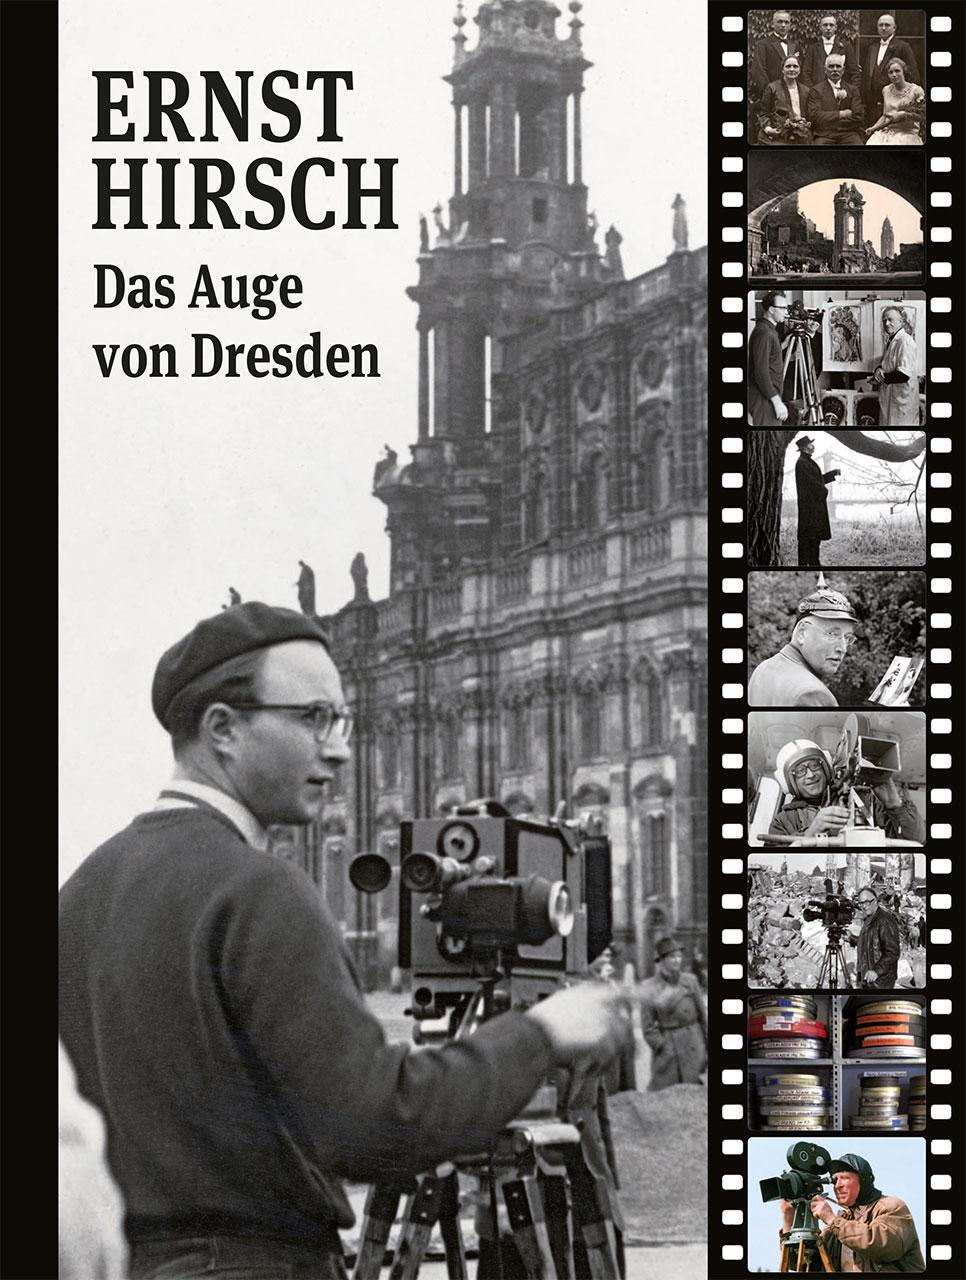 Ernst Hirsch – Das Auge von Dresden